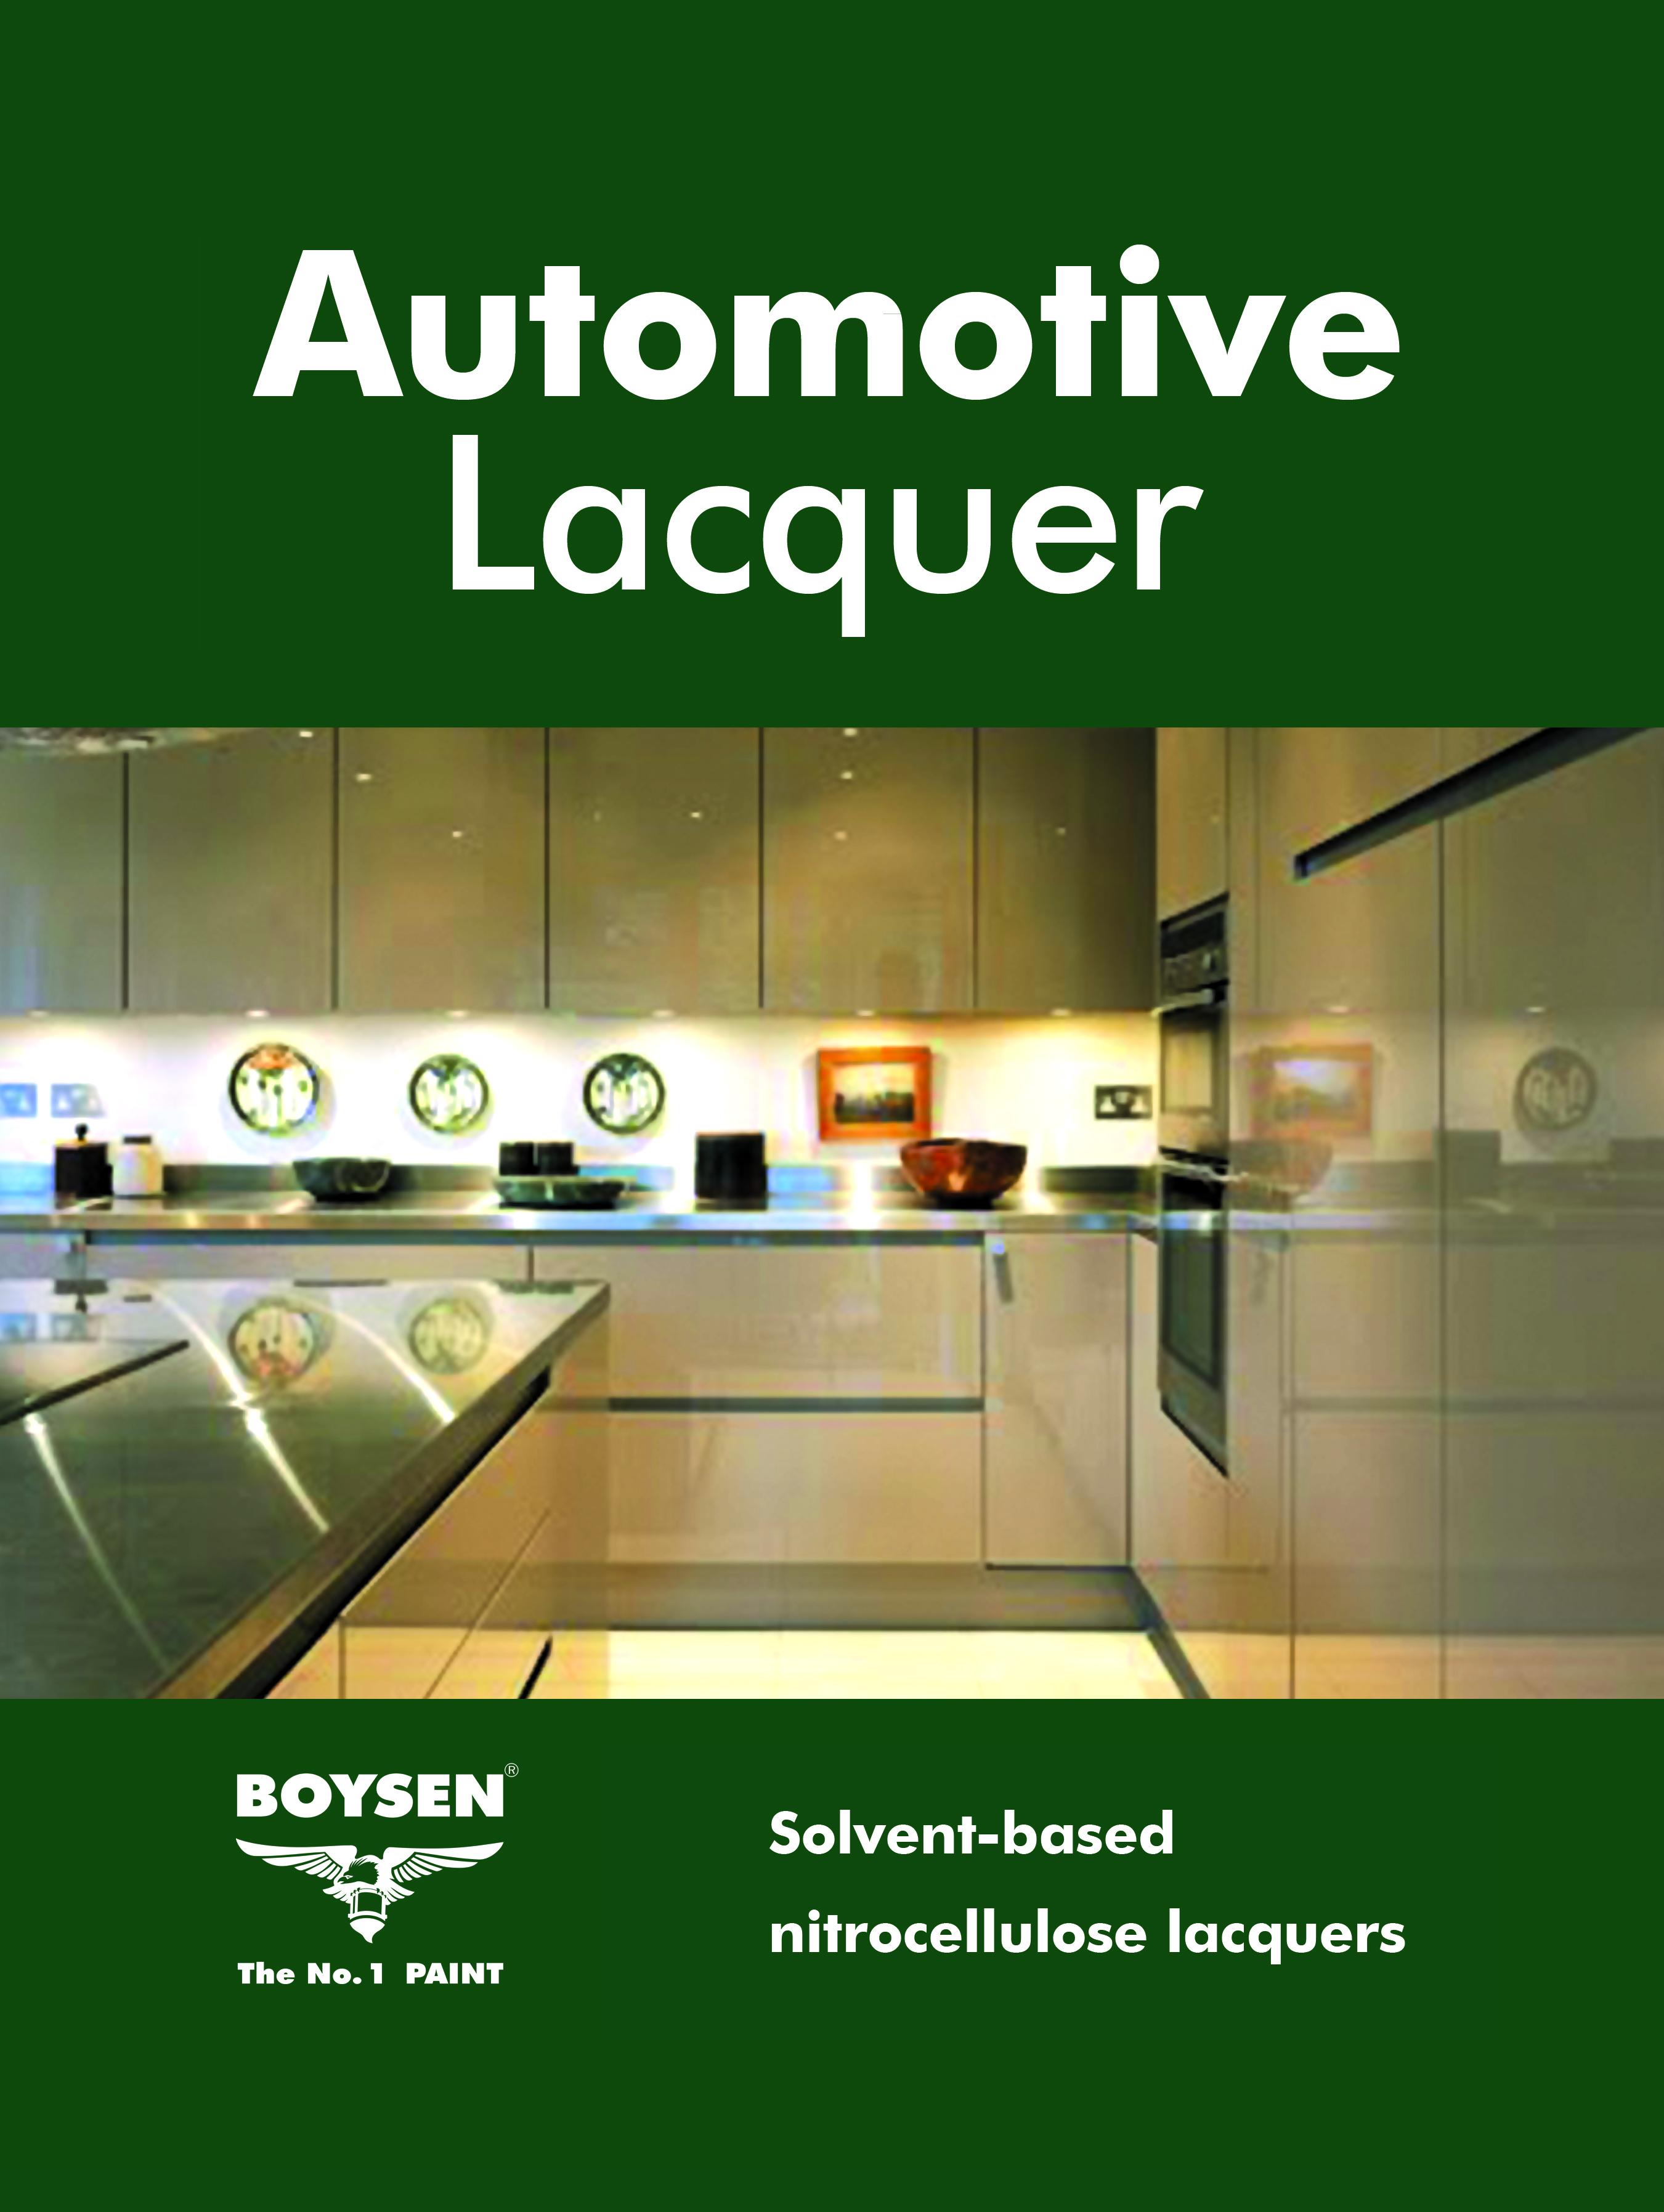 Pacific Paint (Boysen) Philippines, Inc , - Automotive Lacquer